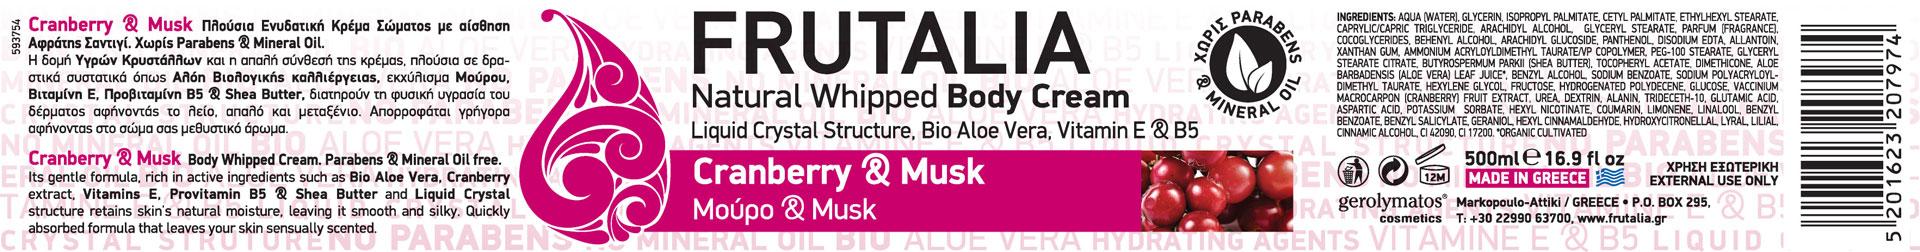 Multistick Ετικέτες Καλλυντικών Frutalia